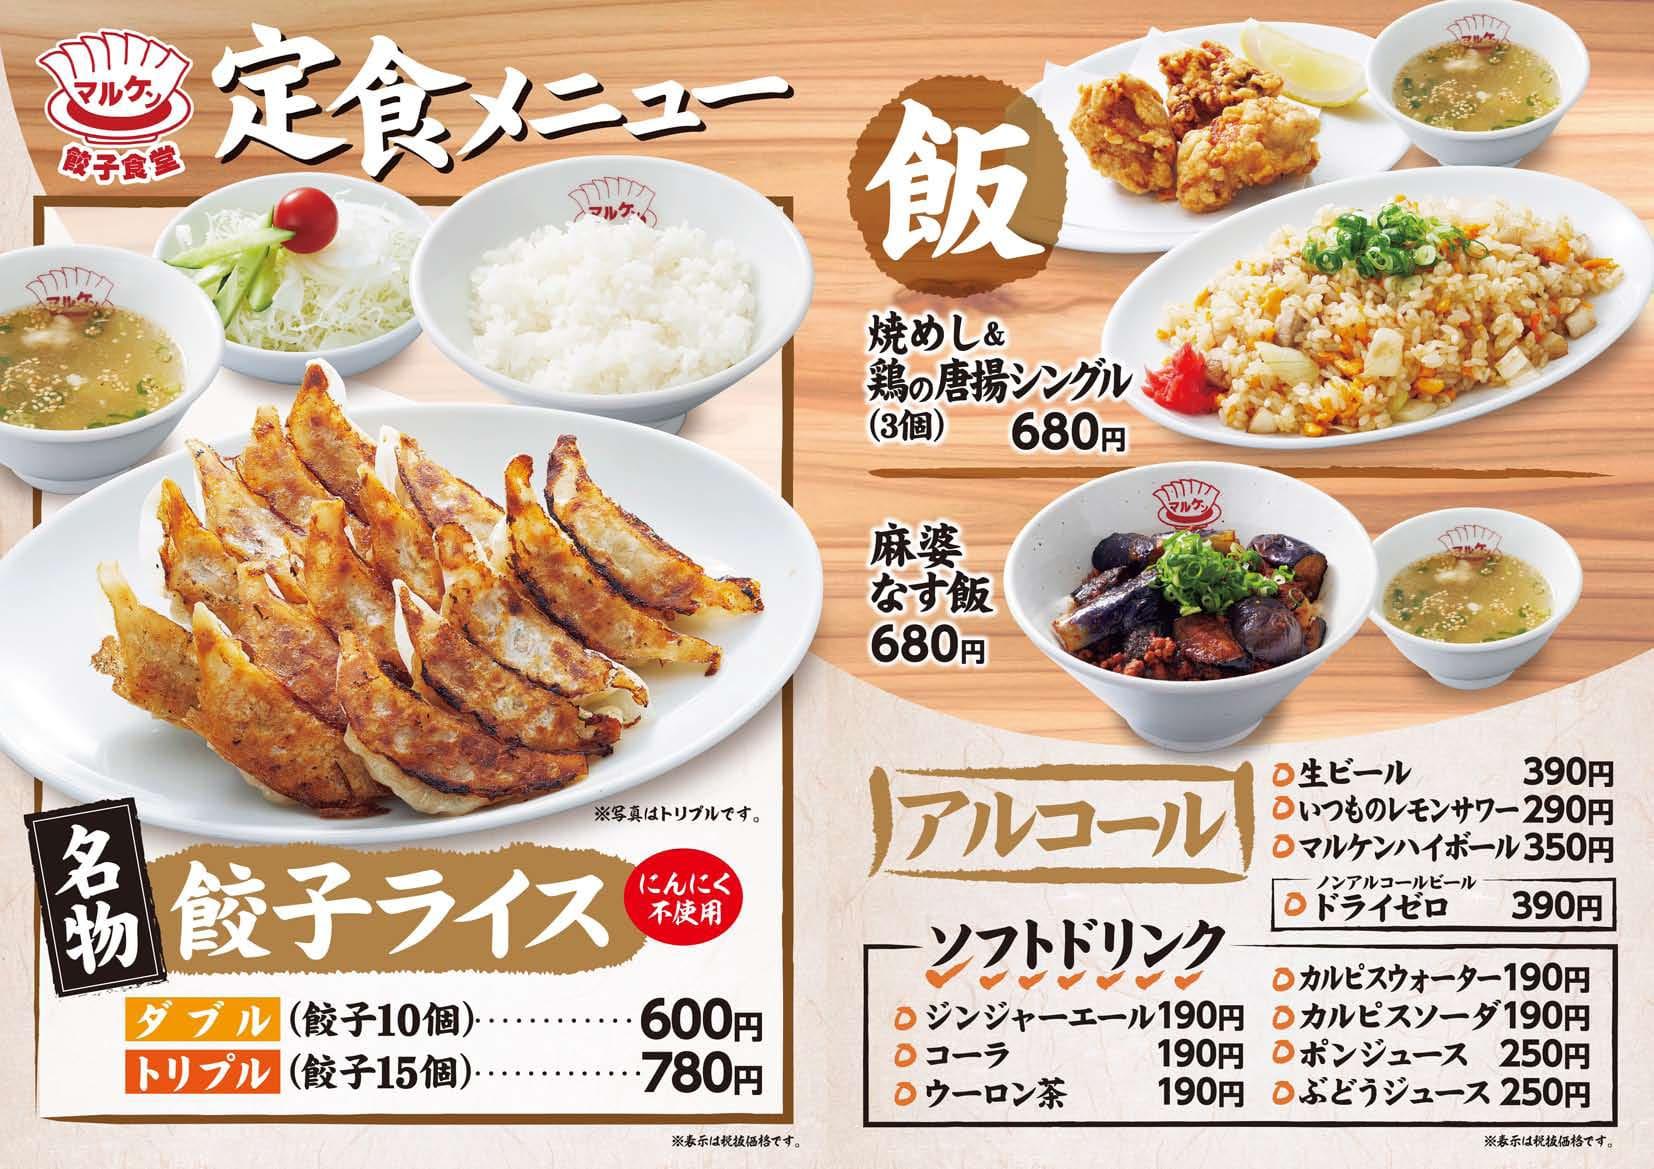 餃子食堂マルケン 定食(ランチ)1